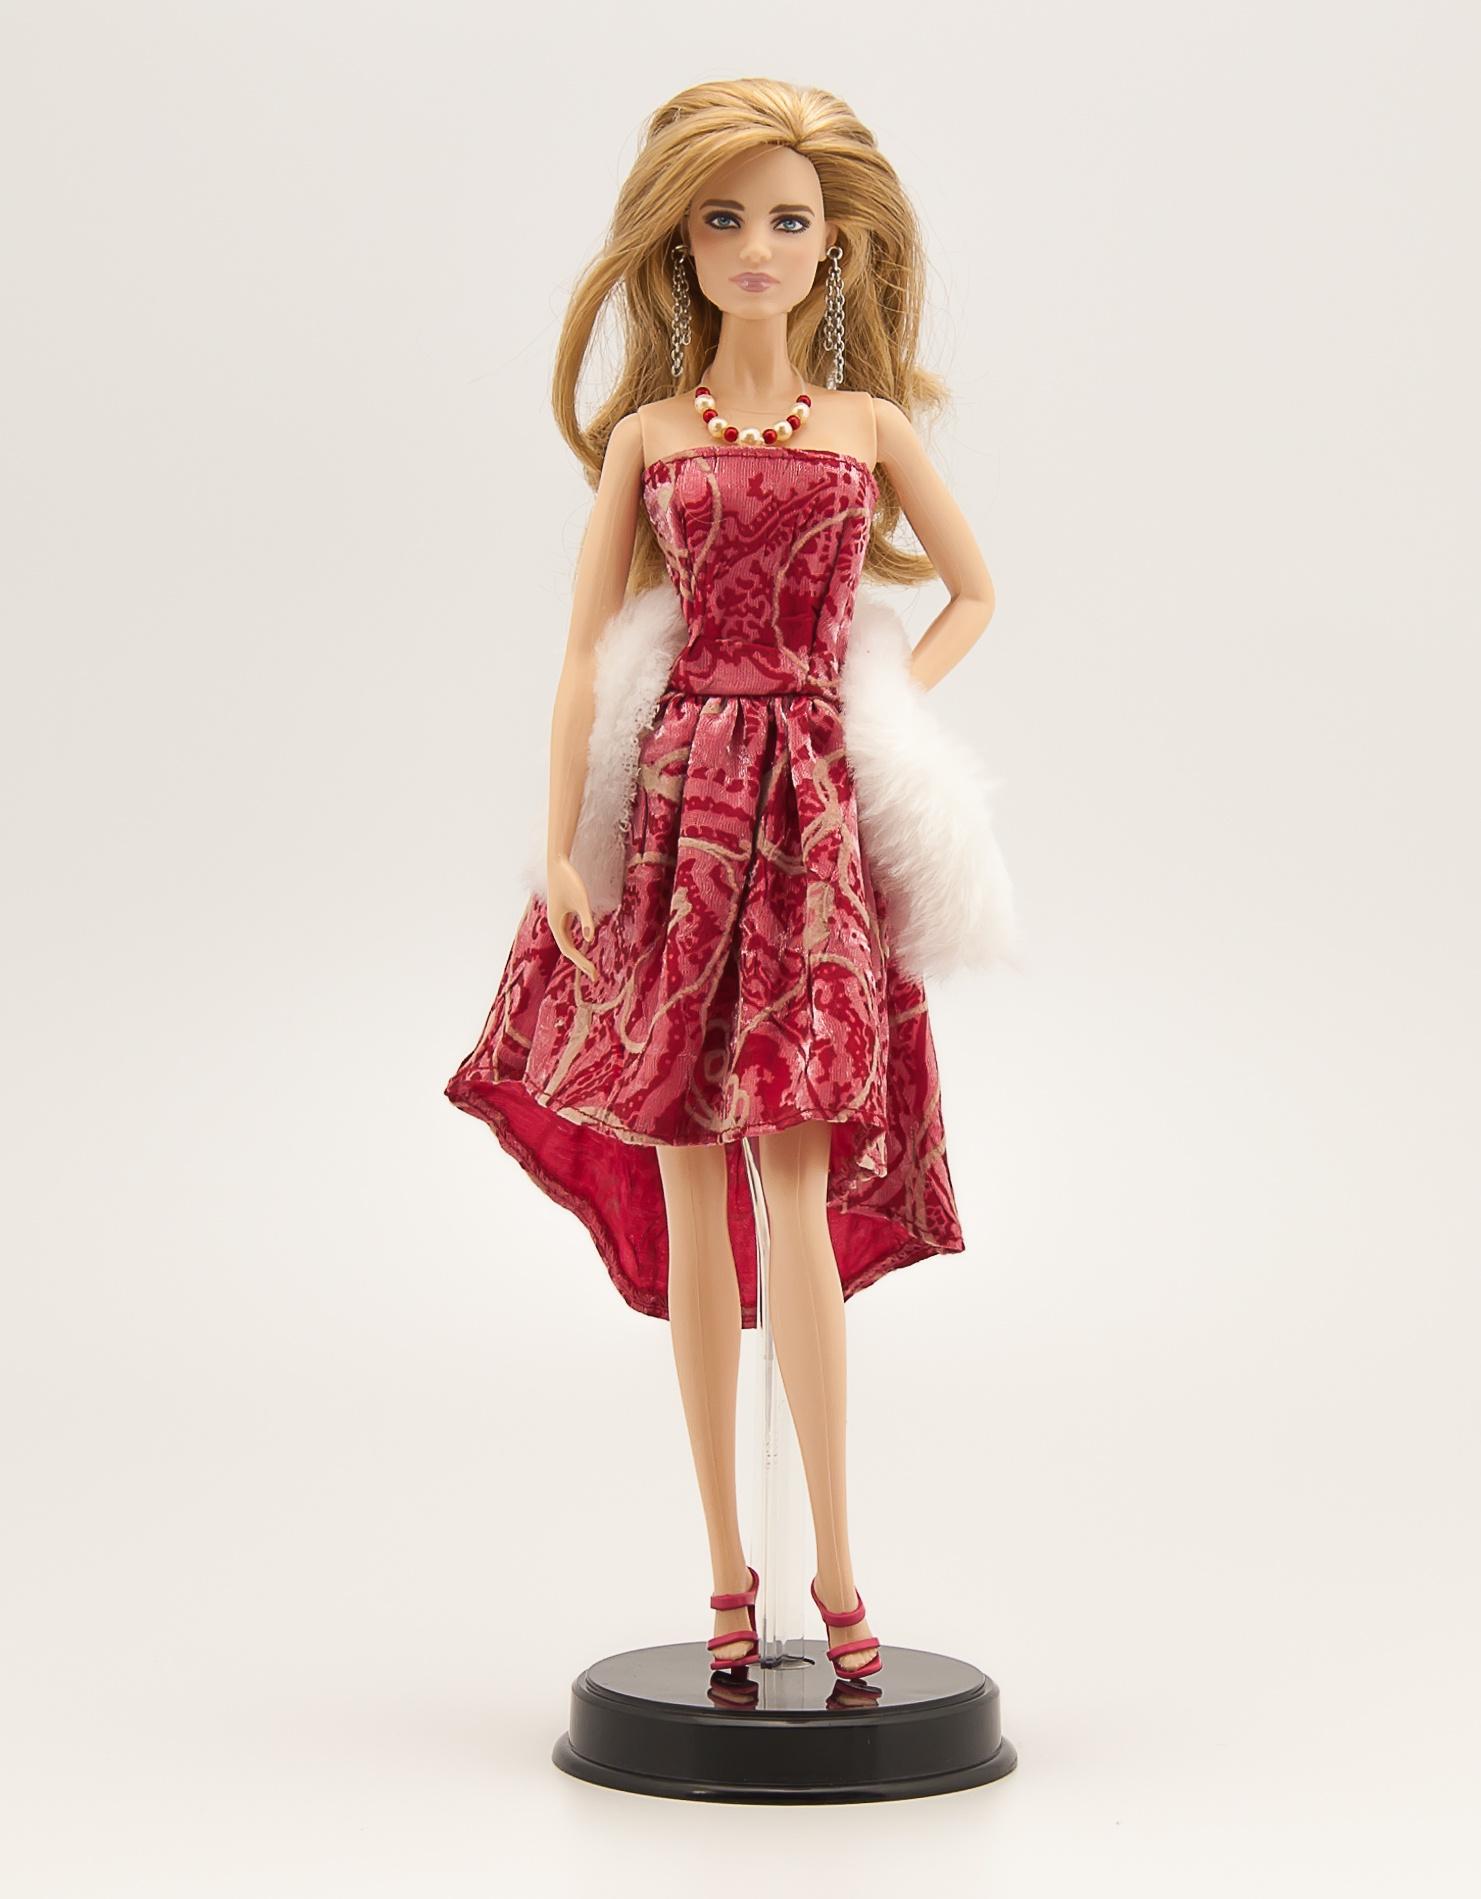 Платье и аксессуары для куклы 29 см Фламенко аксессуары